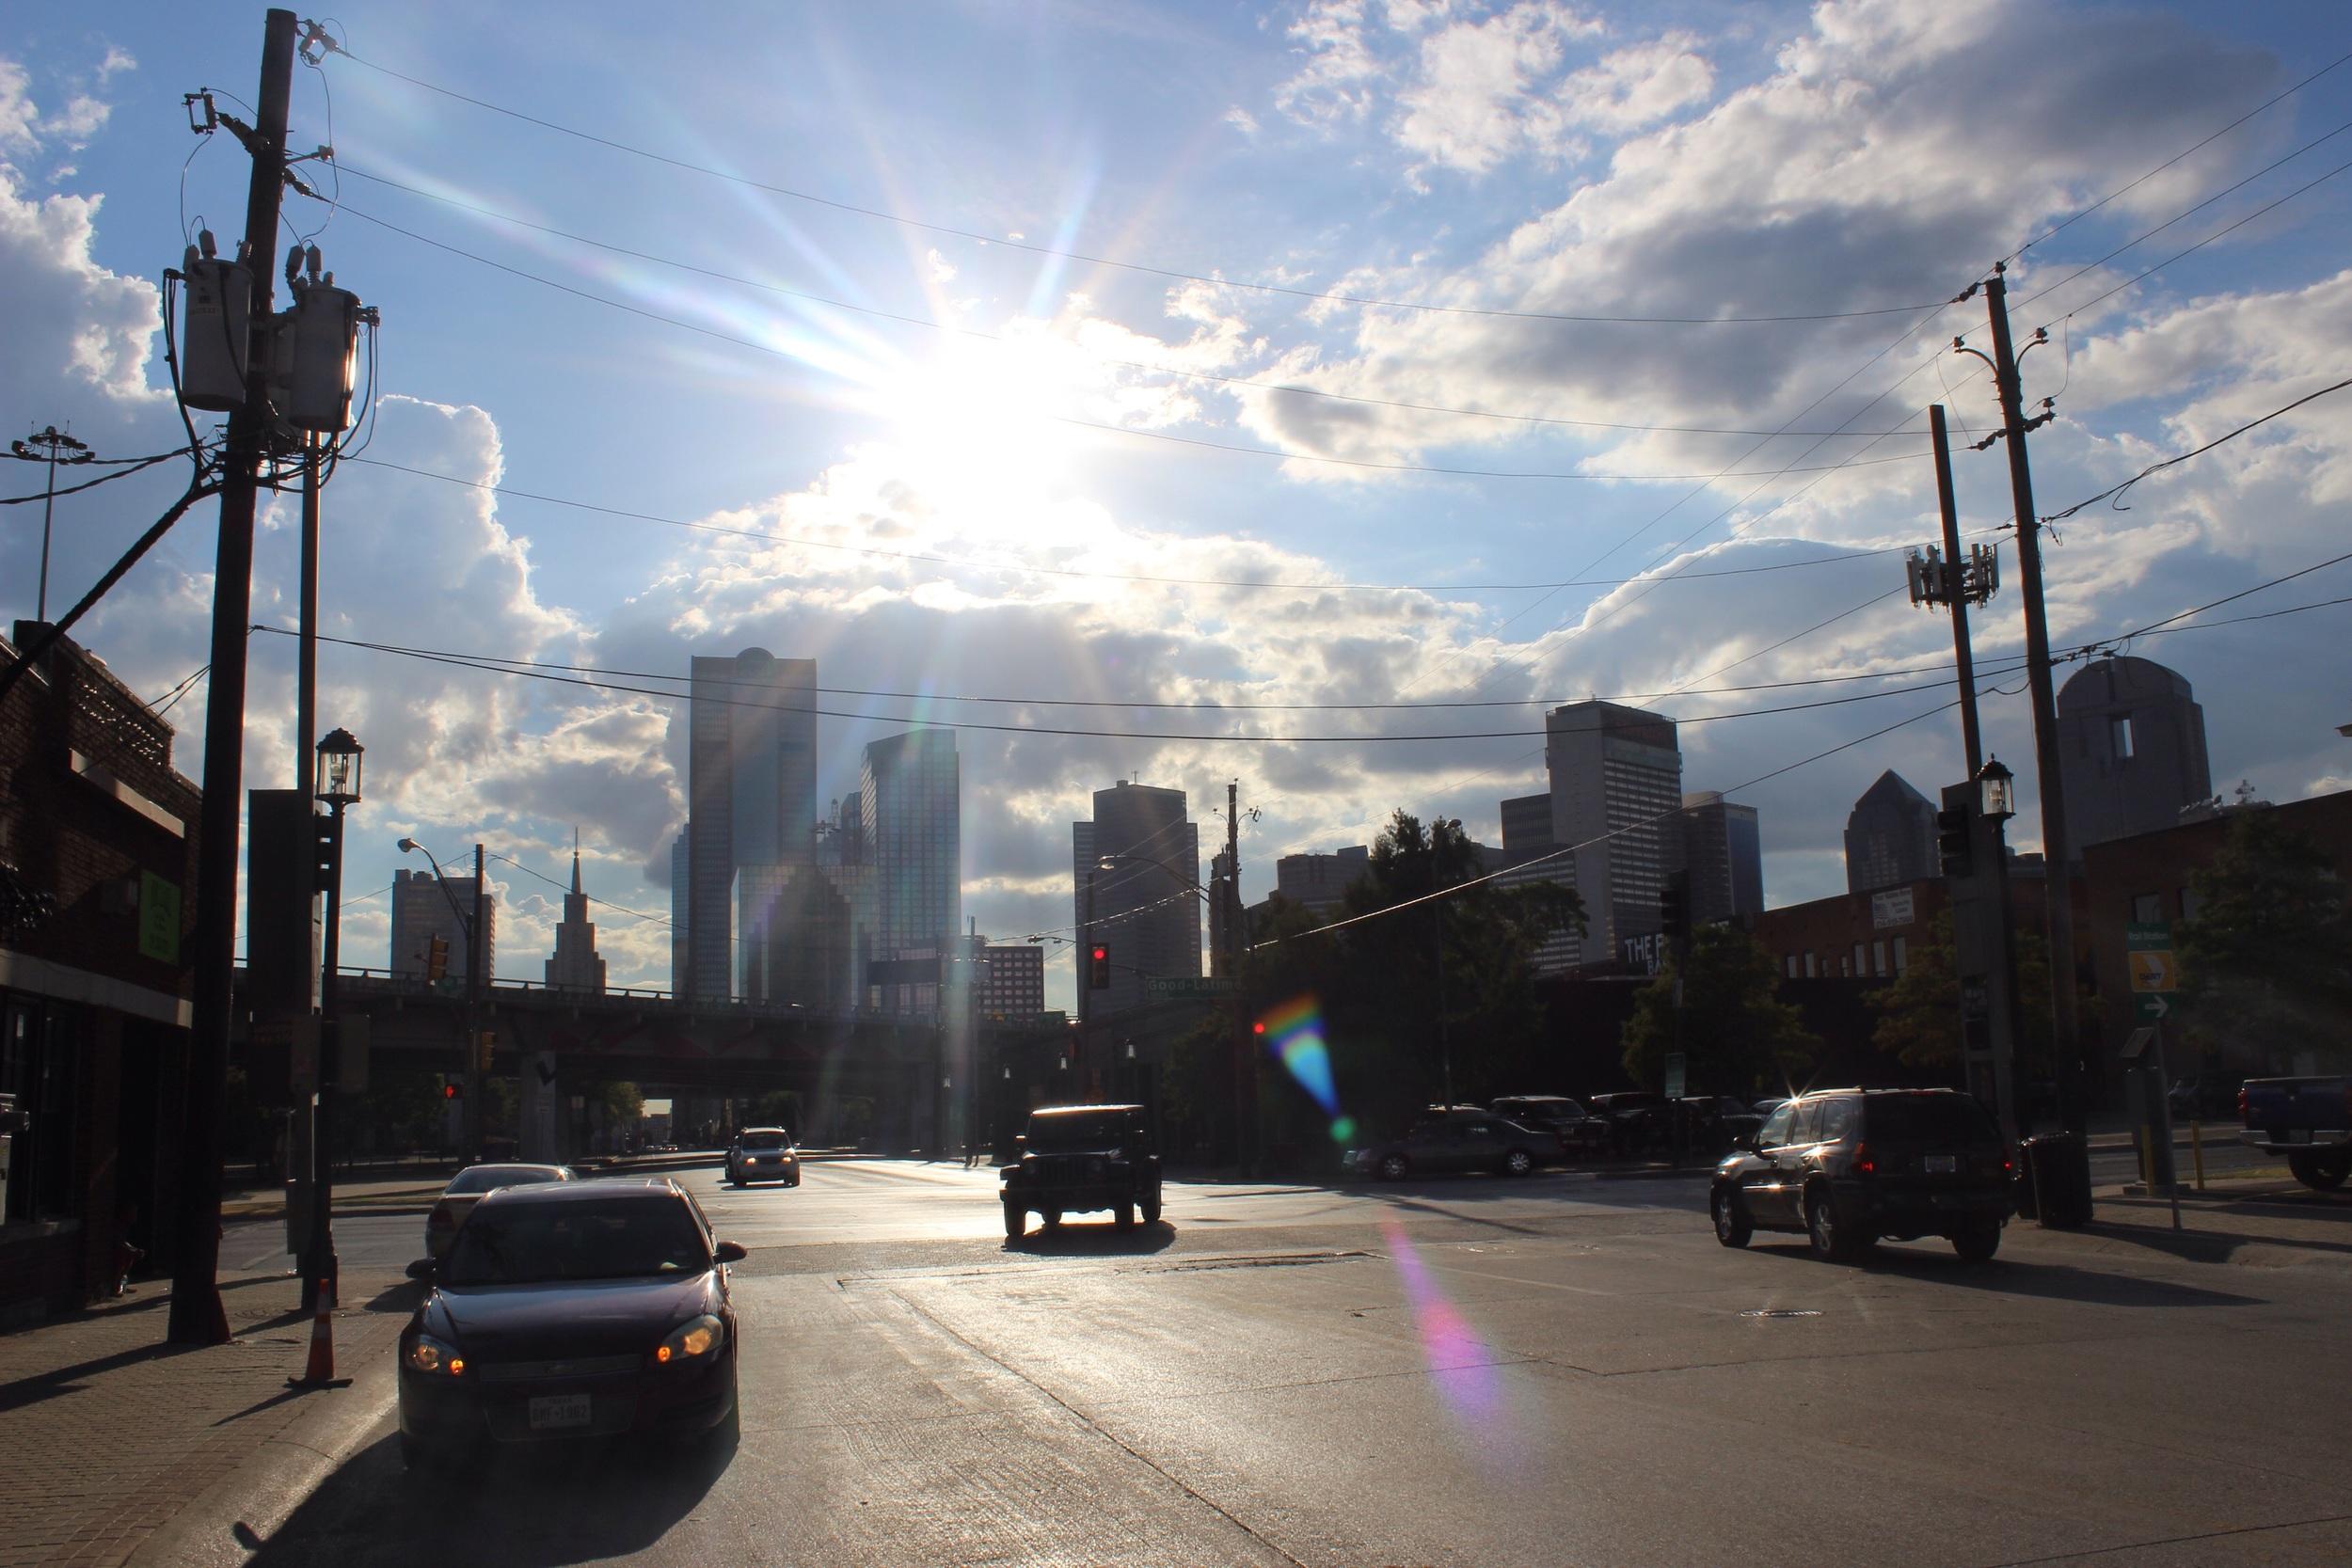 Dallas sunshine